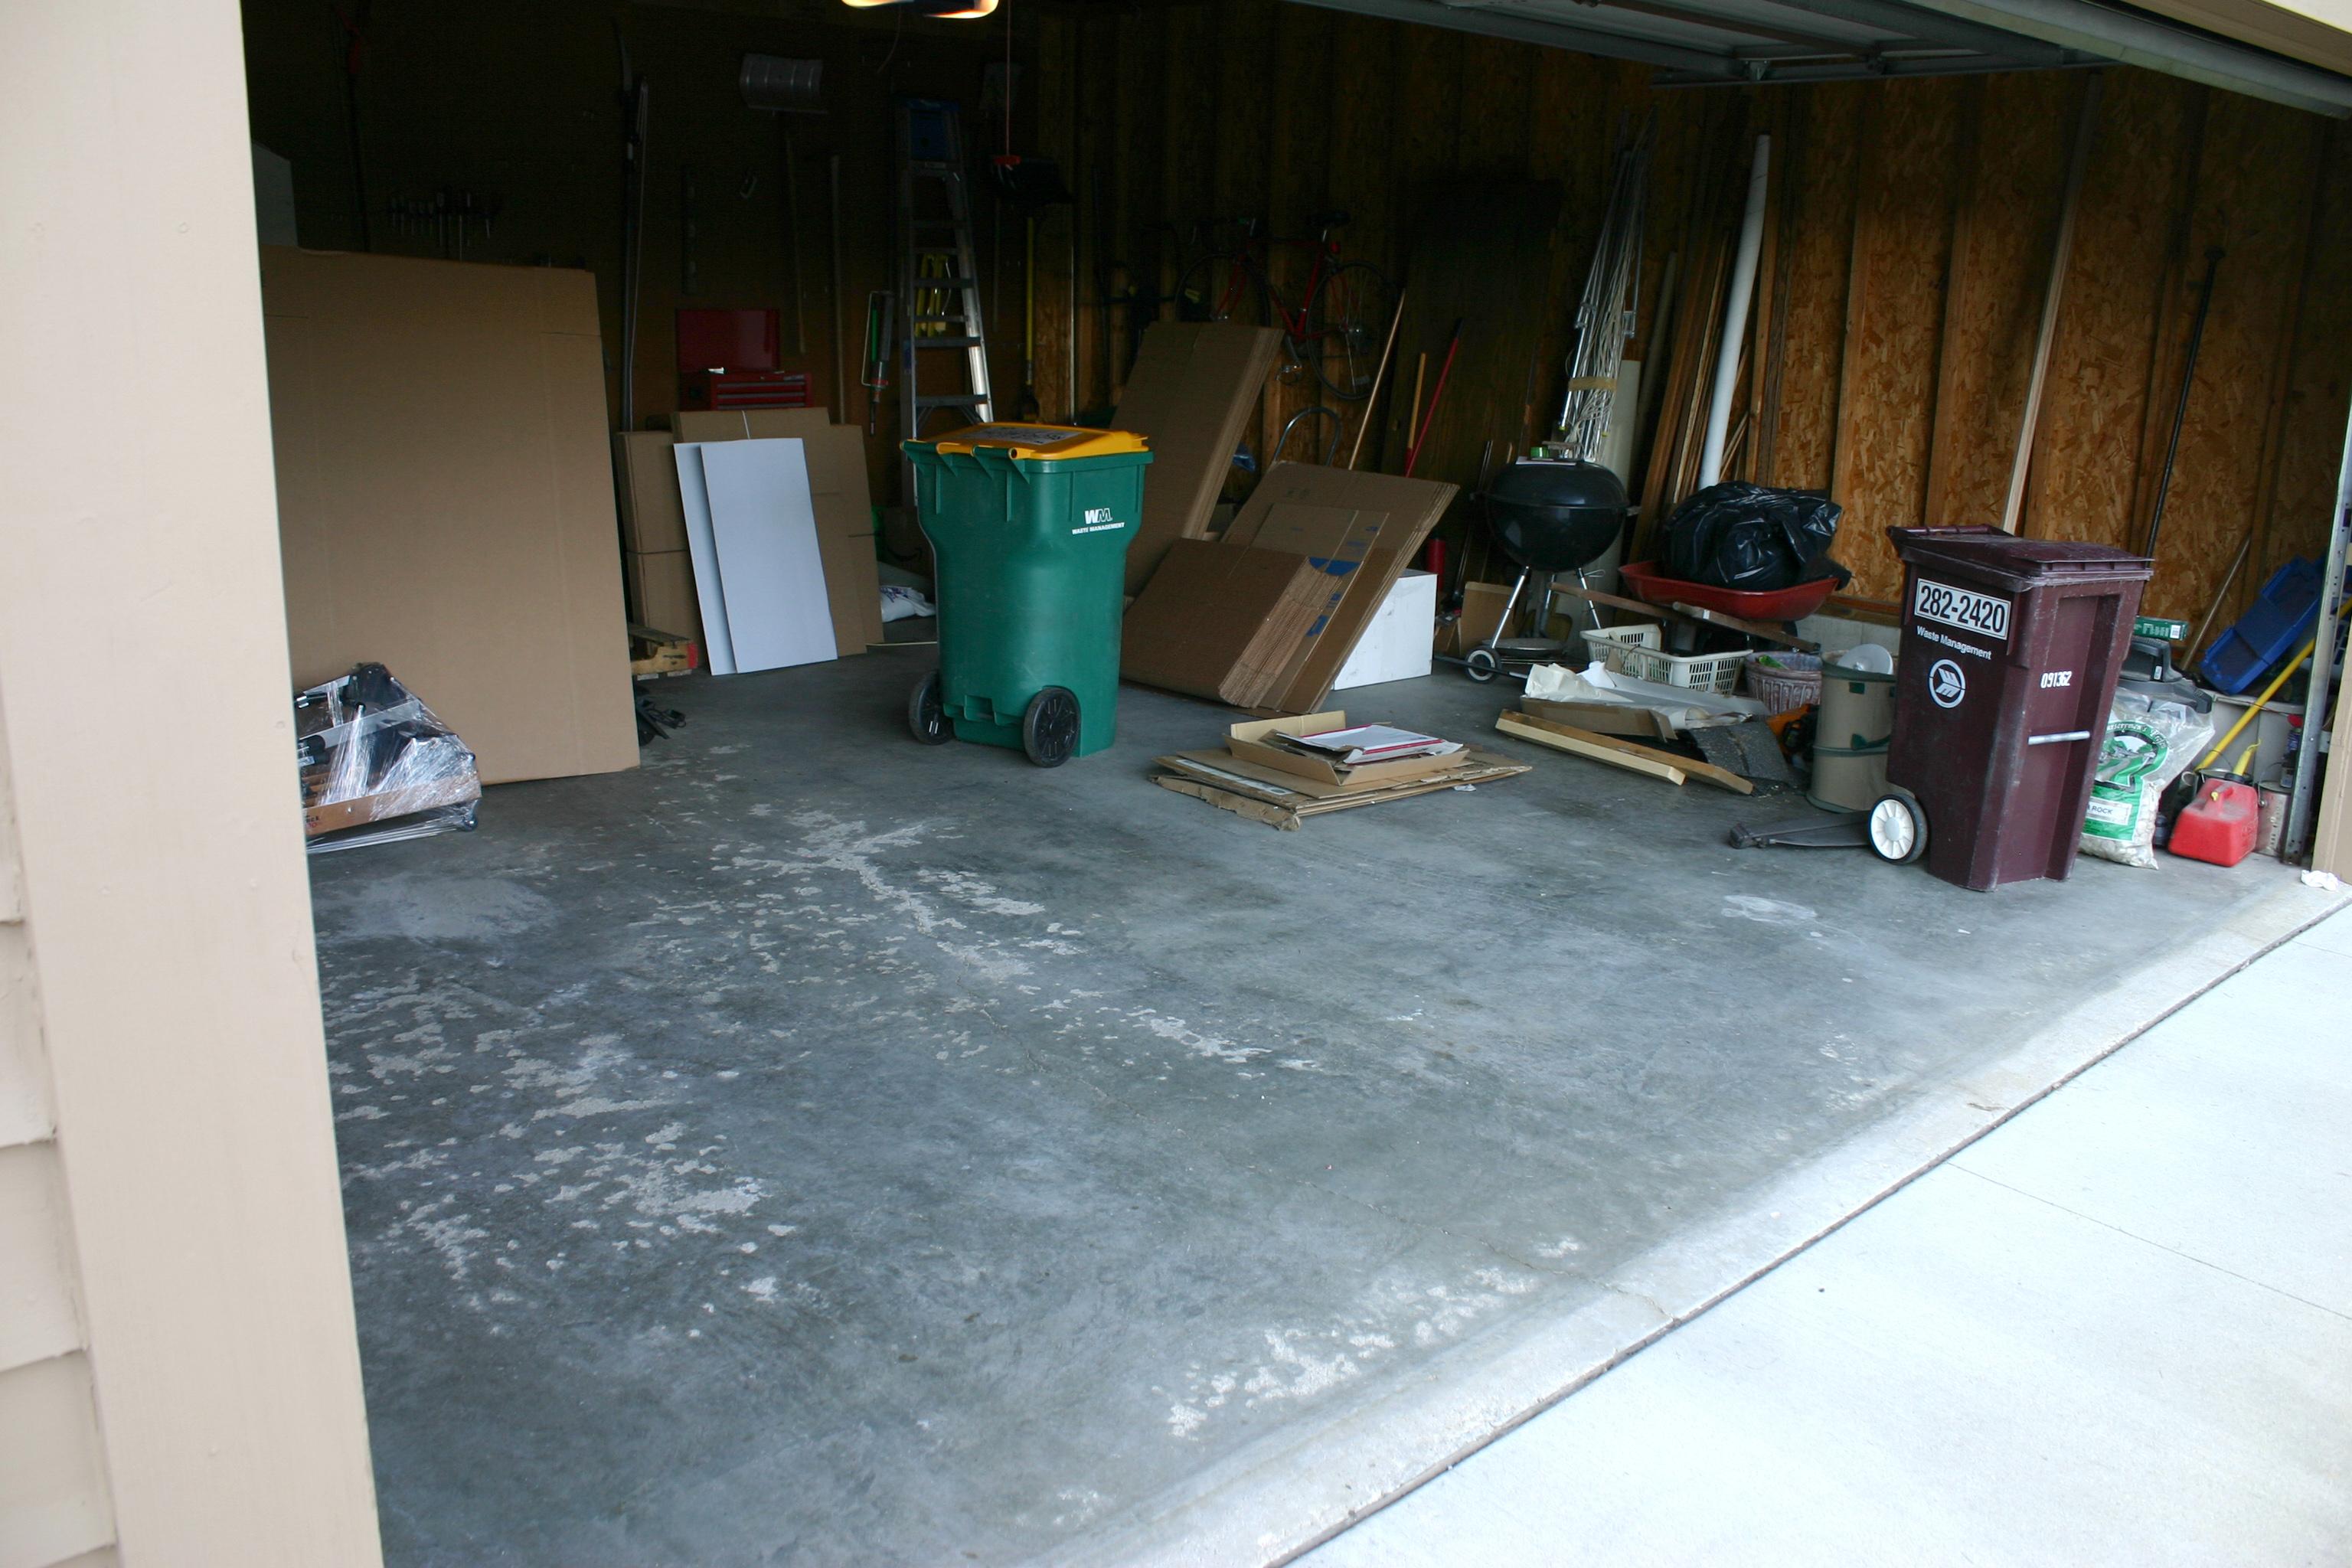 Concrete garage floor with junk in it